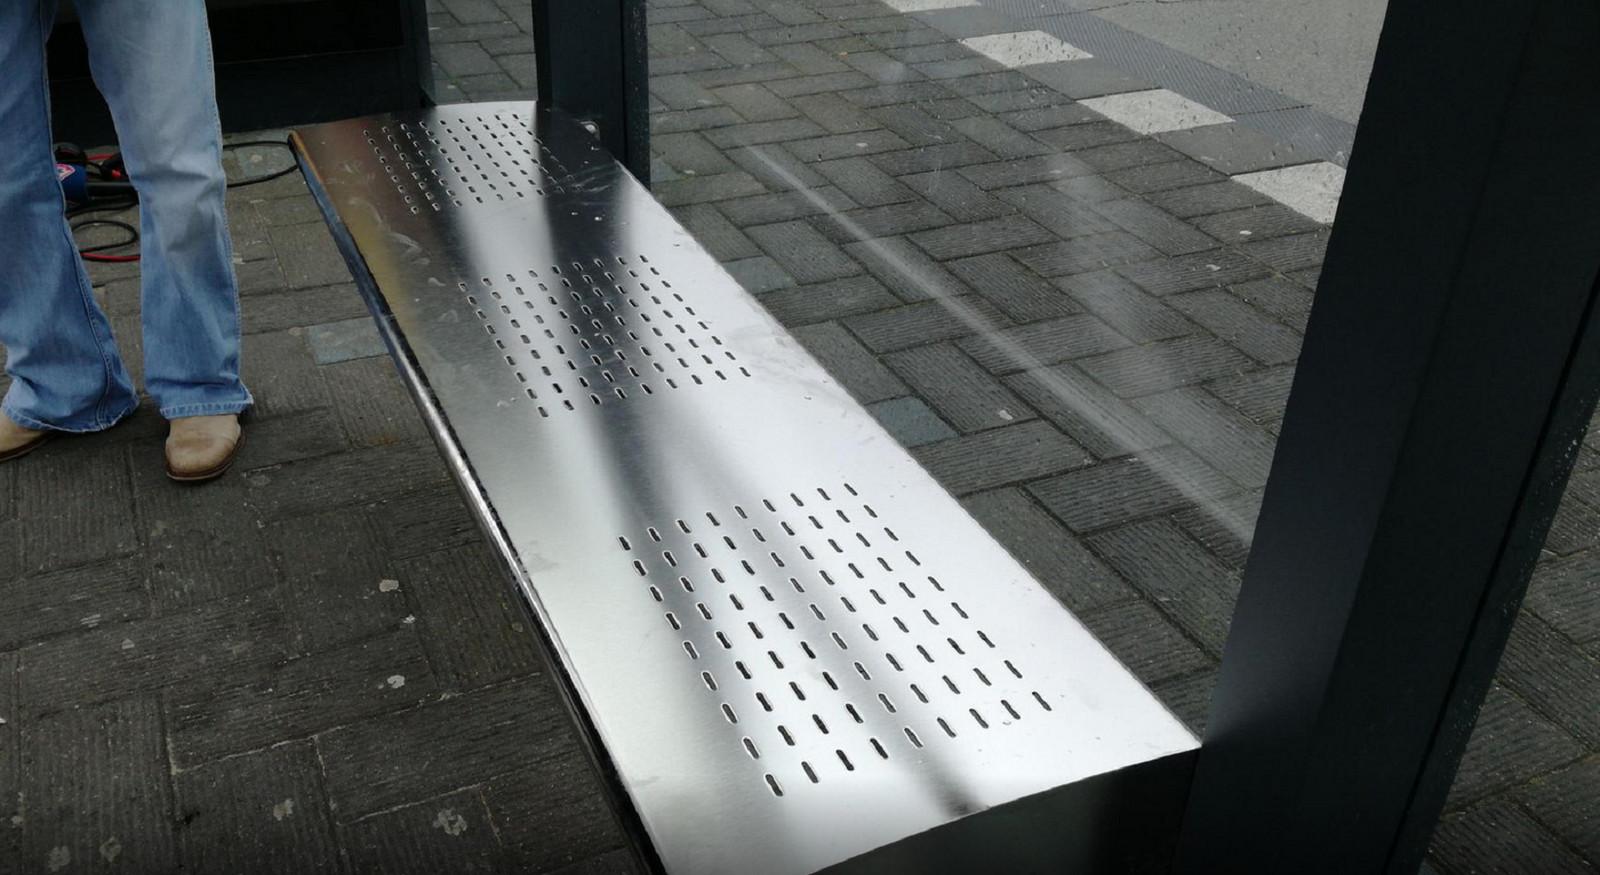 Vervanging bushaltebankjes moet veel sneller | Foto | AD.nl